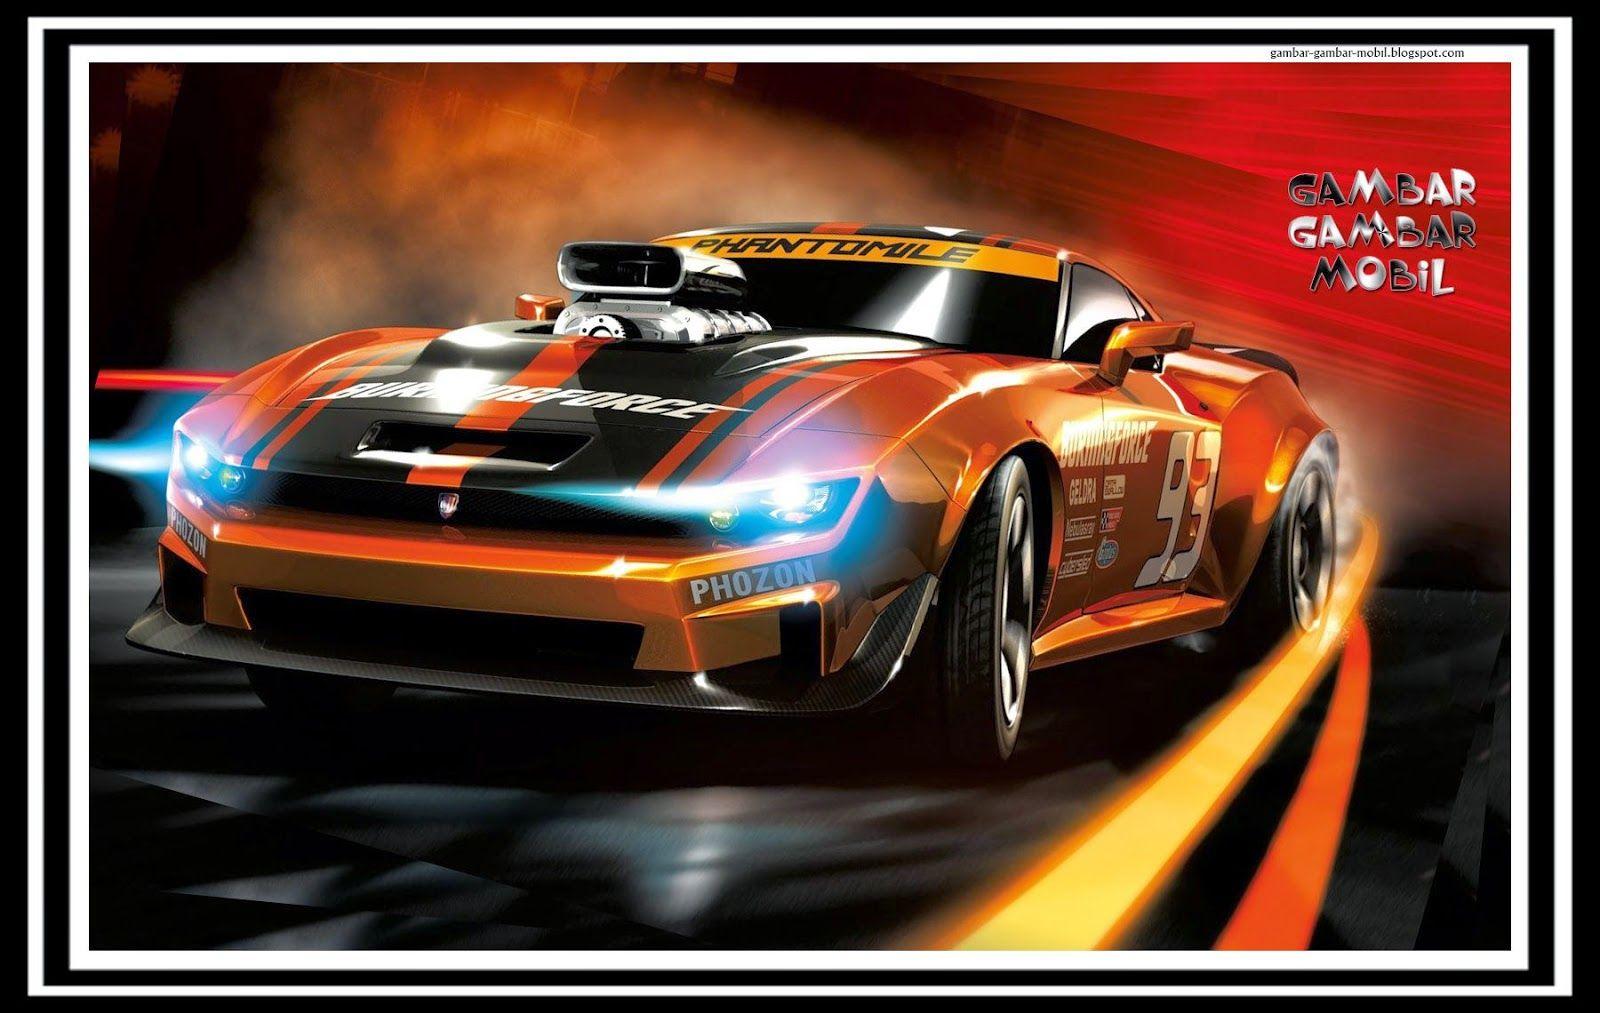 Wallpaper Mobil Sport Kualitas Tinggi: Mobil Keren, Mobil, Mobil Sport